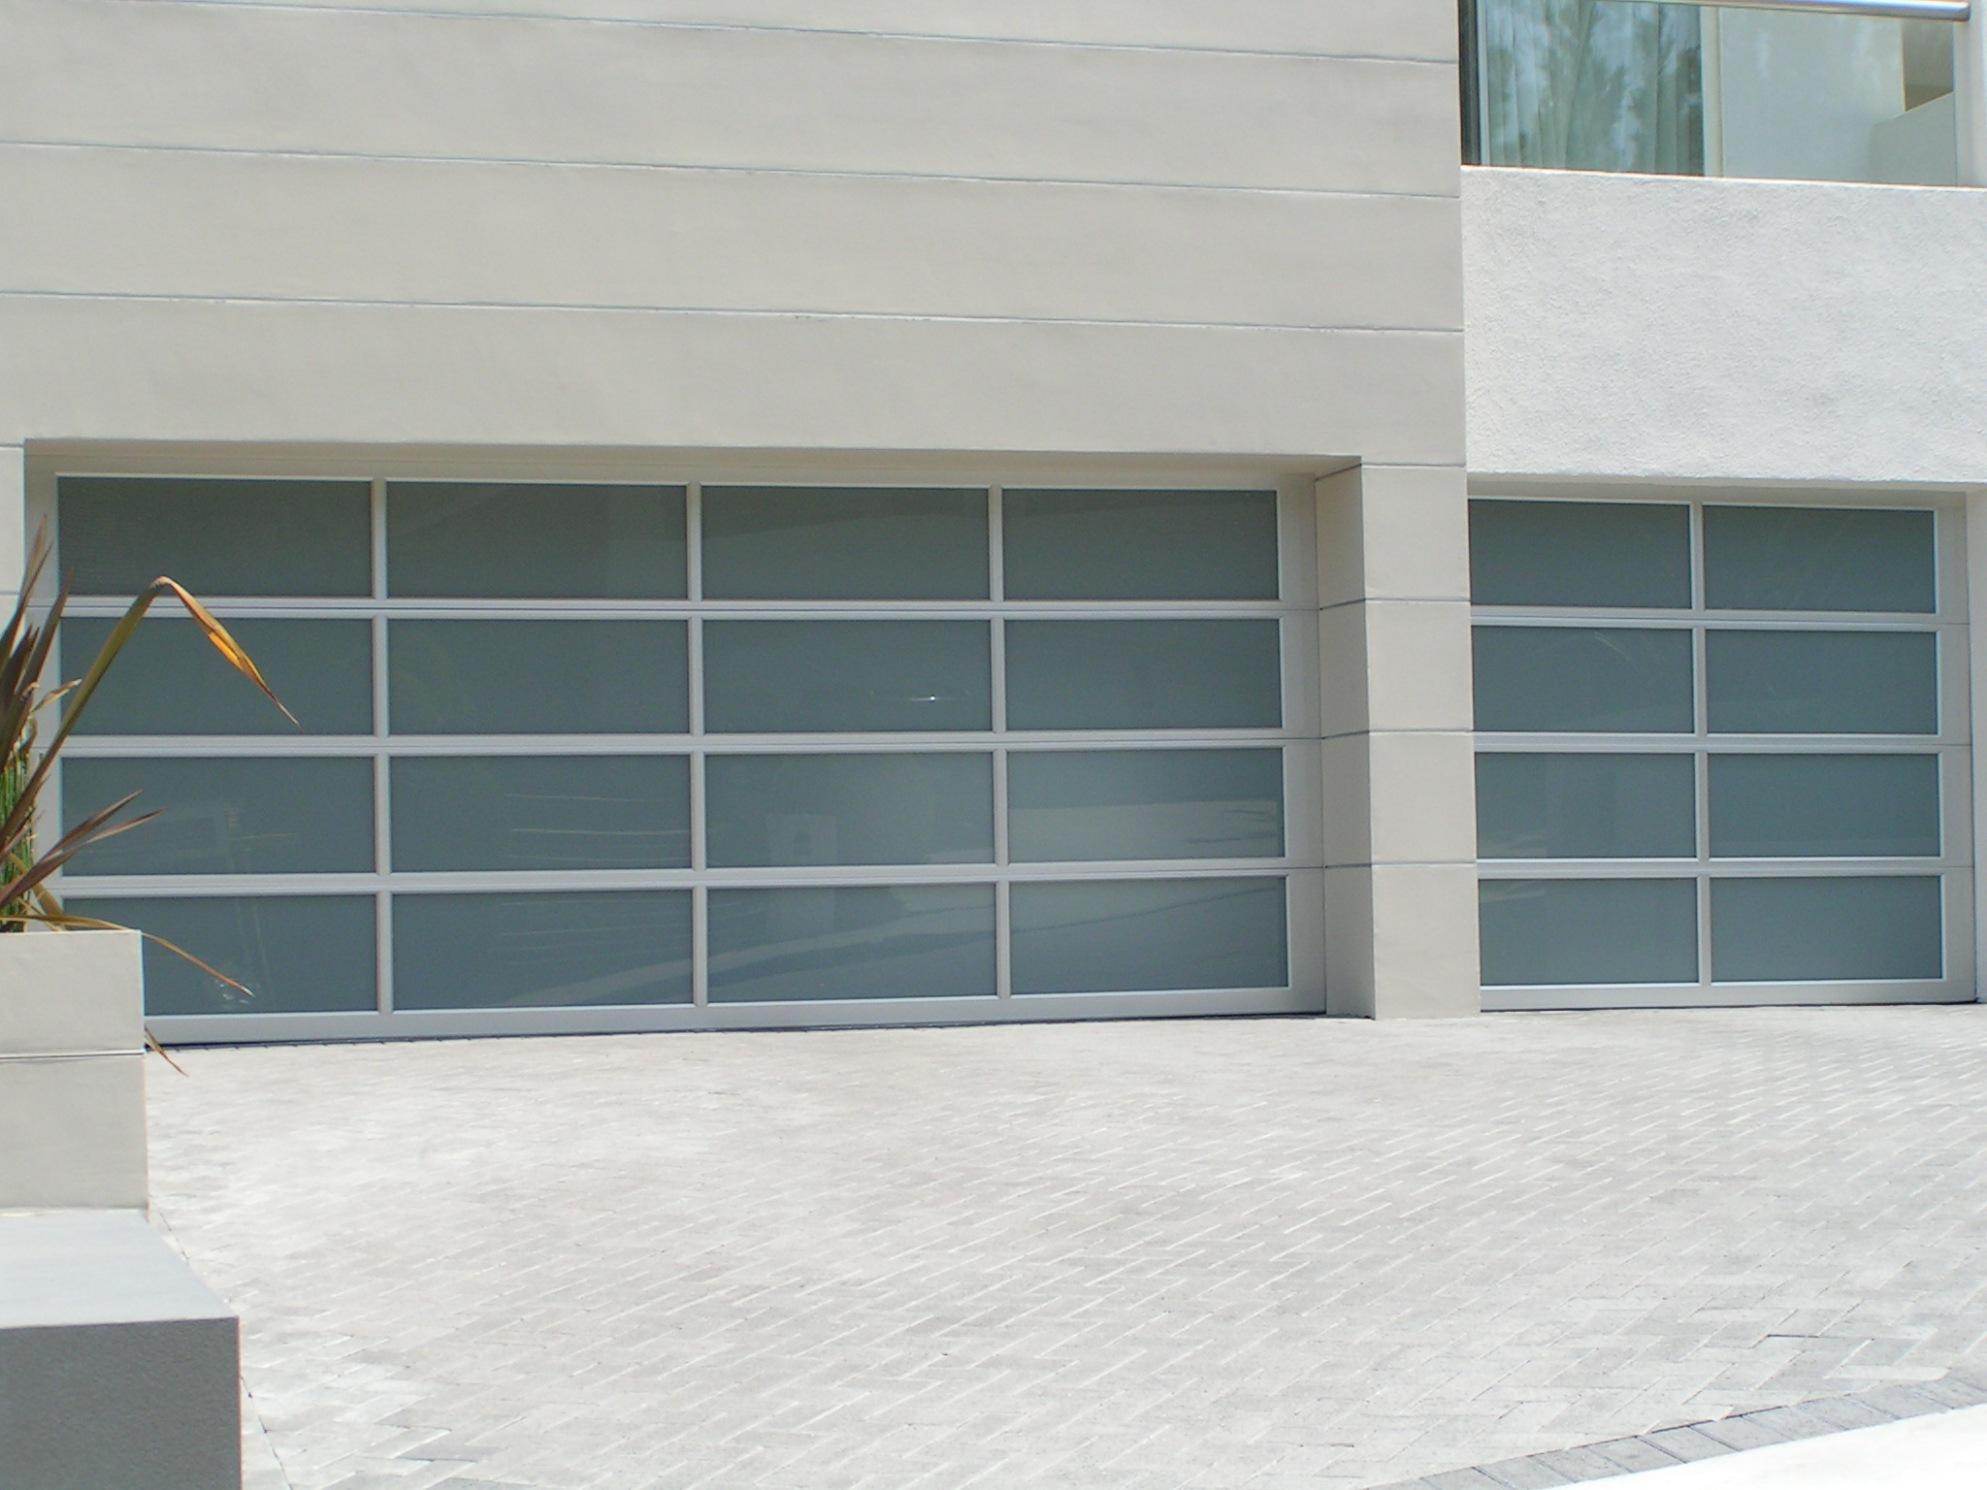 1490 #6C6145 Custom Made Doors Garage Doors Industrial Domestic Balustrading  wallpaper Louvered Garage Doors 38251987